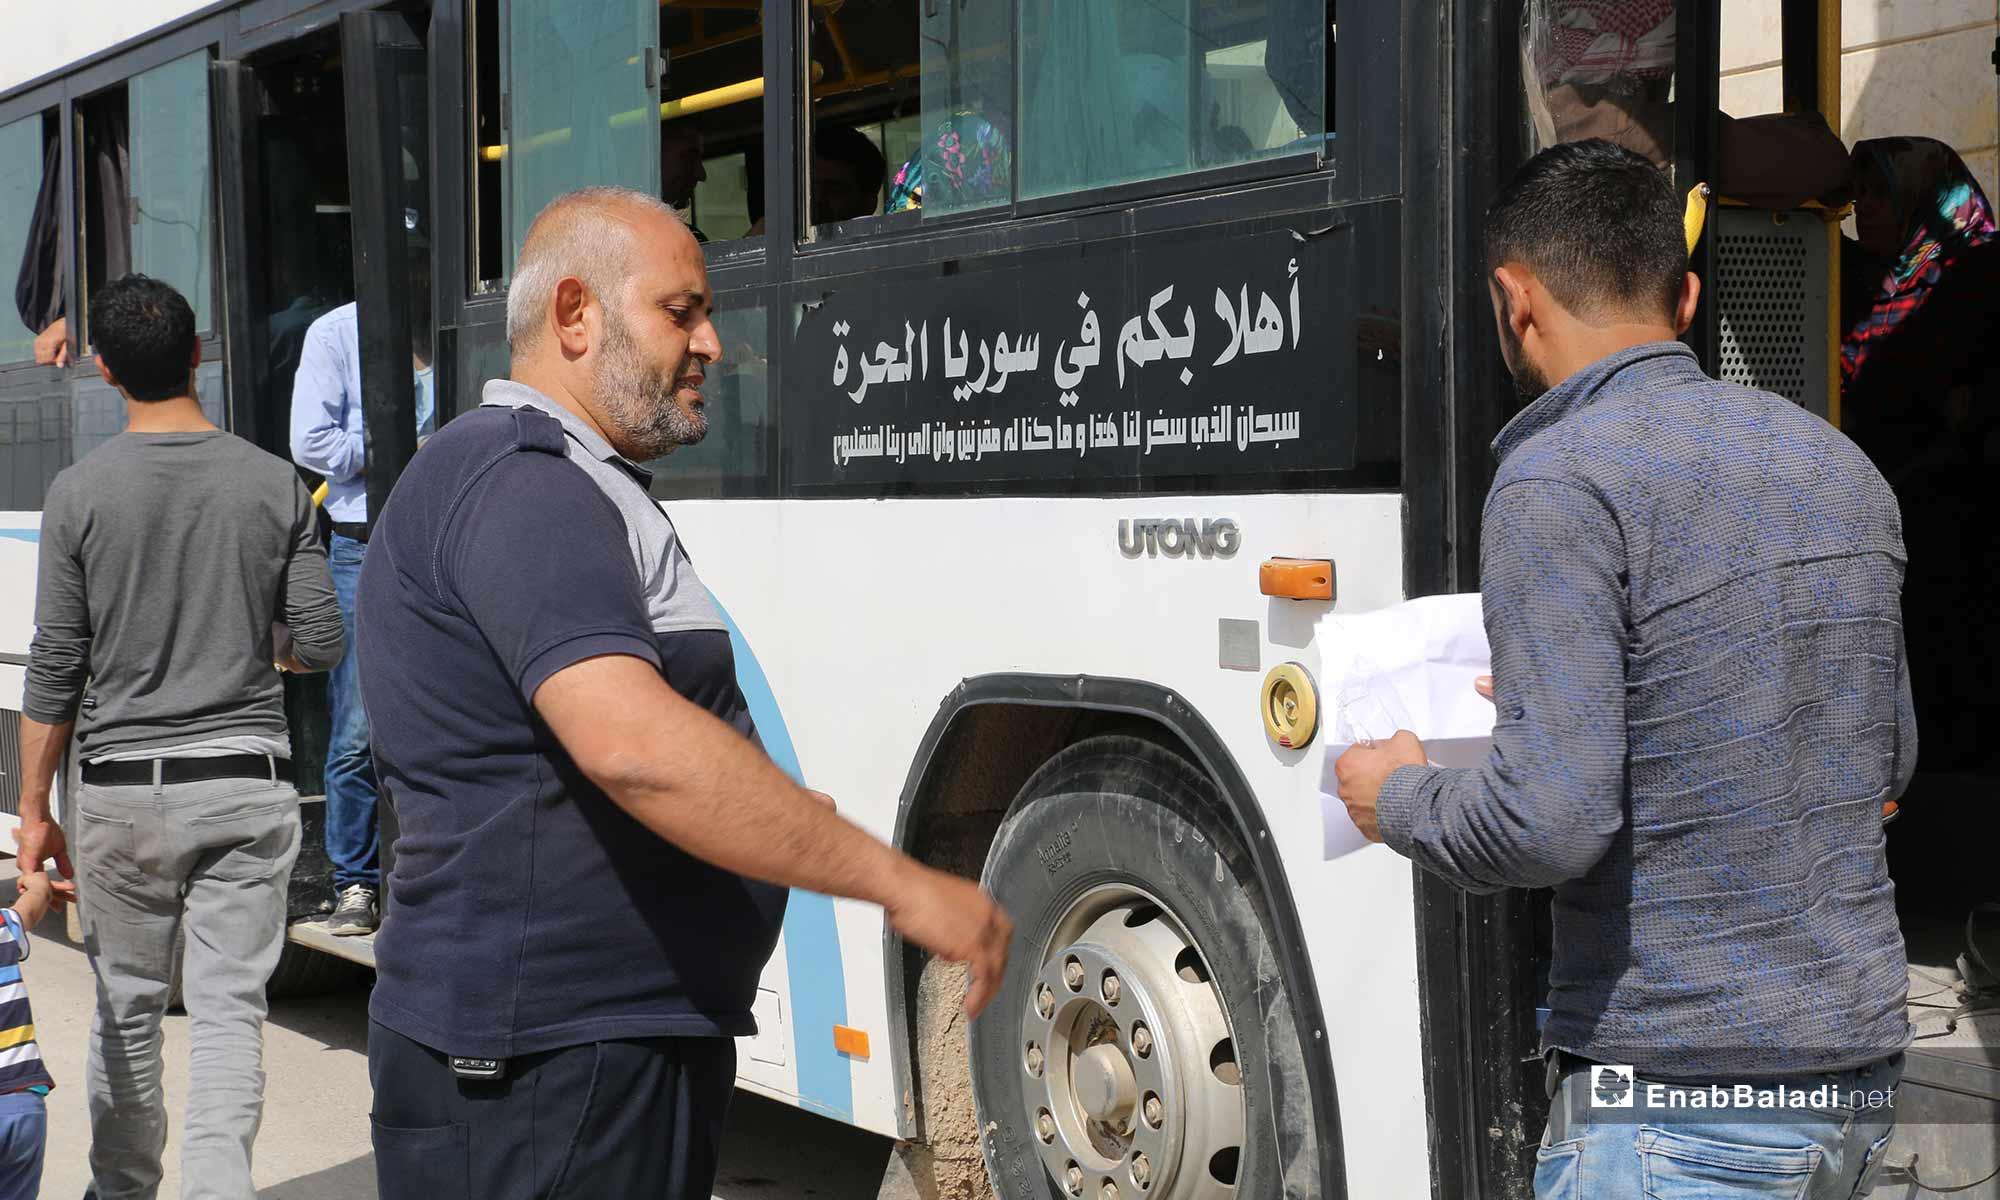 توافد السوريين من تركيا لقضاء إجازة العيد في سوريا عبر معبر باب السلامة الحدودي - 21 من أيار 2019 (عنب بلدي)